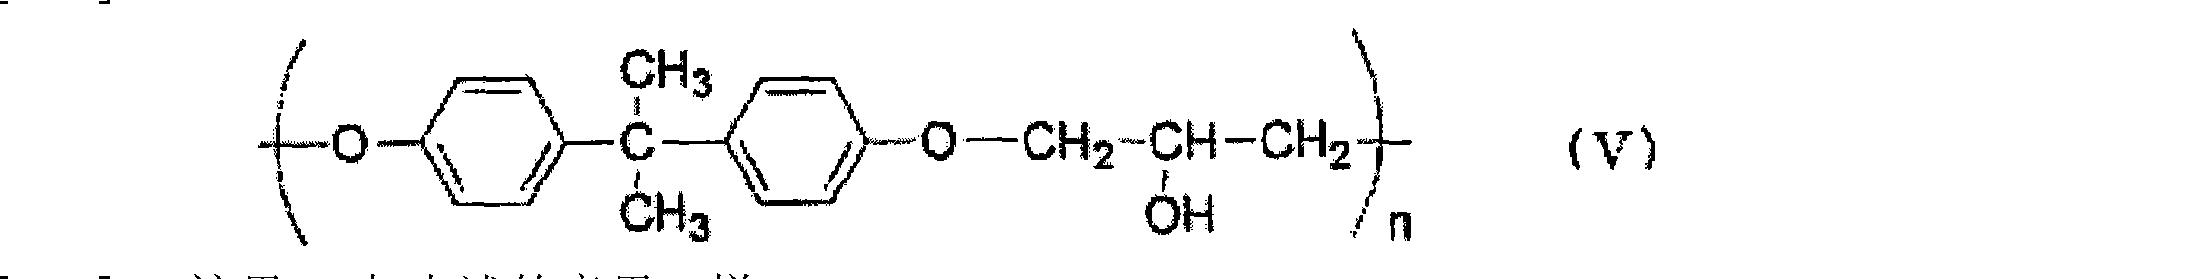 Figure CN101395511BD00073